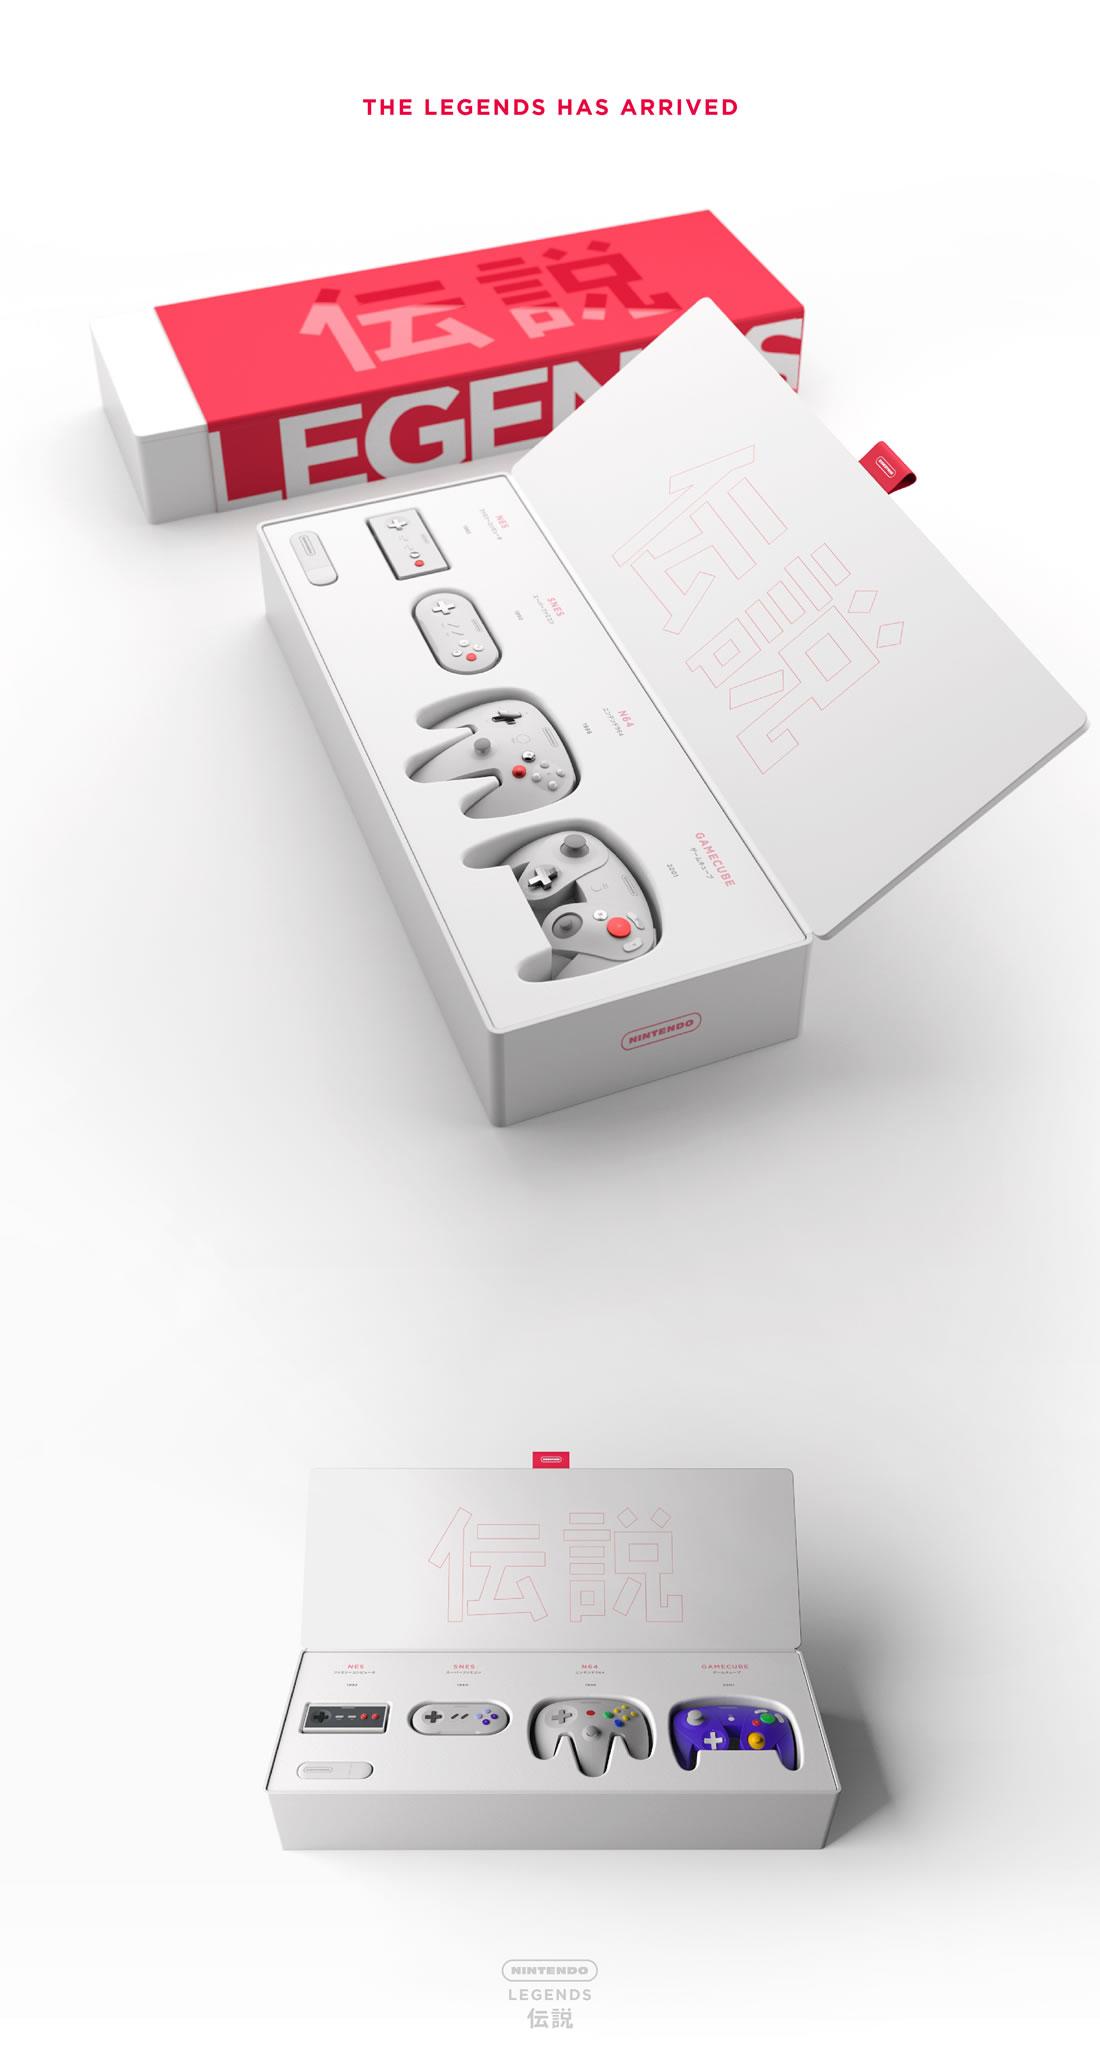 Manettes Nintendo revues minimalistes et design 4